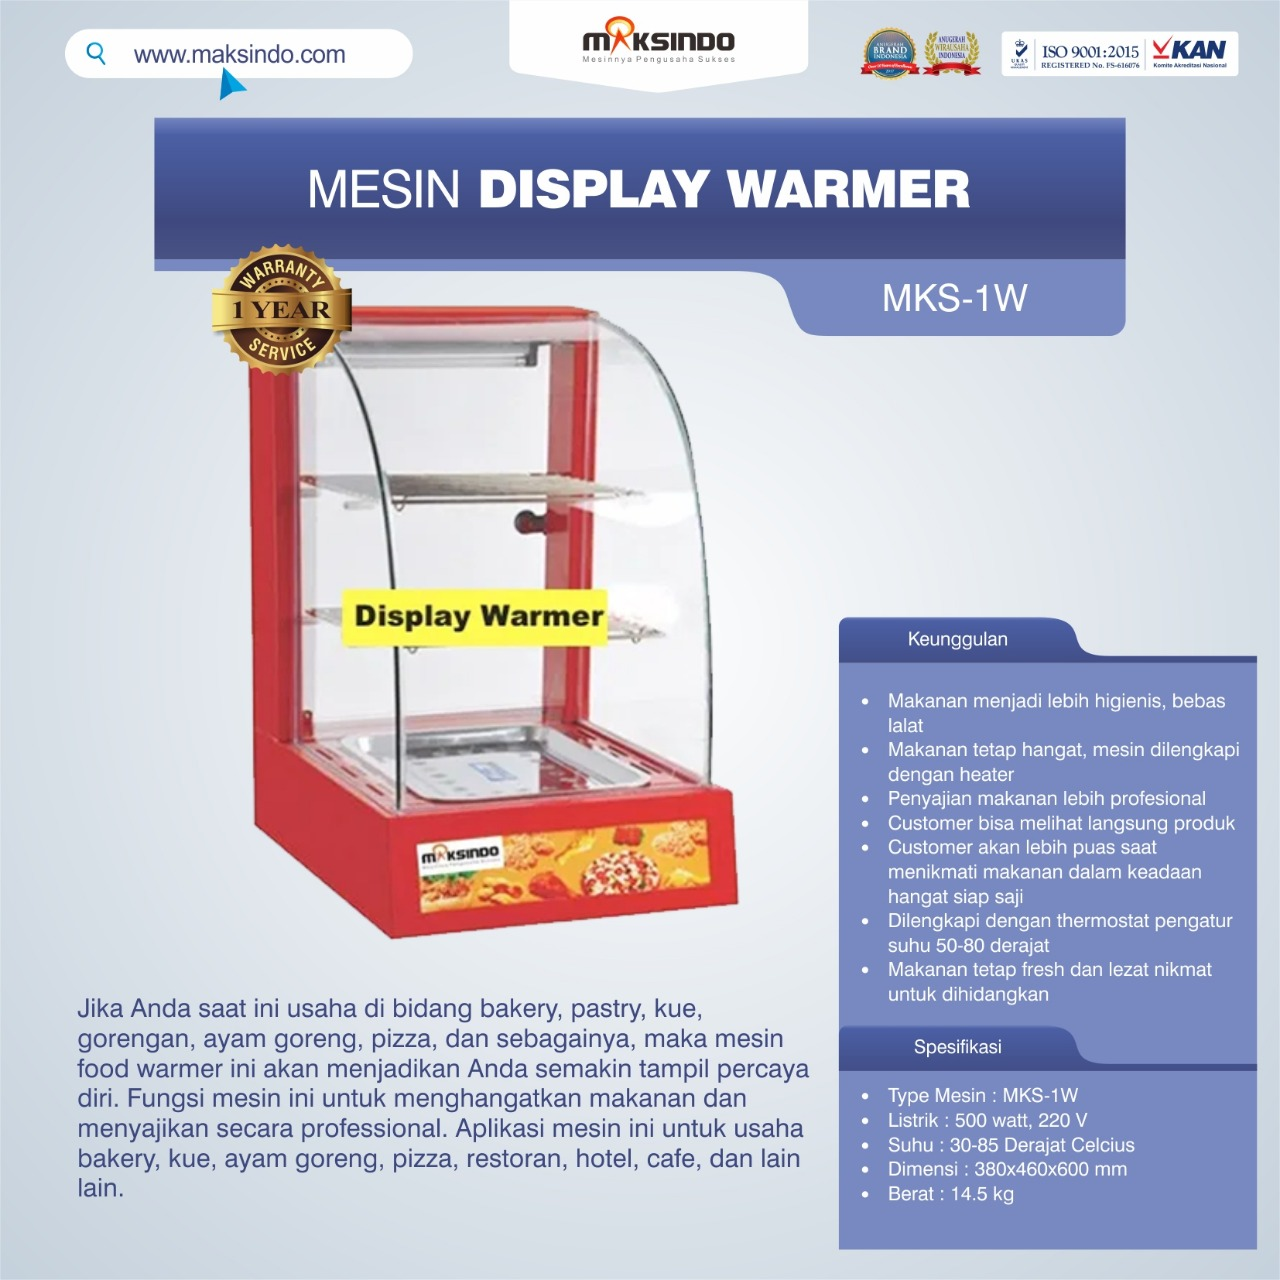 Jual Mesin Diplay Warmer (MKS-1W) di Blitar